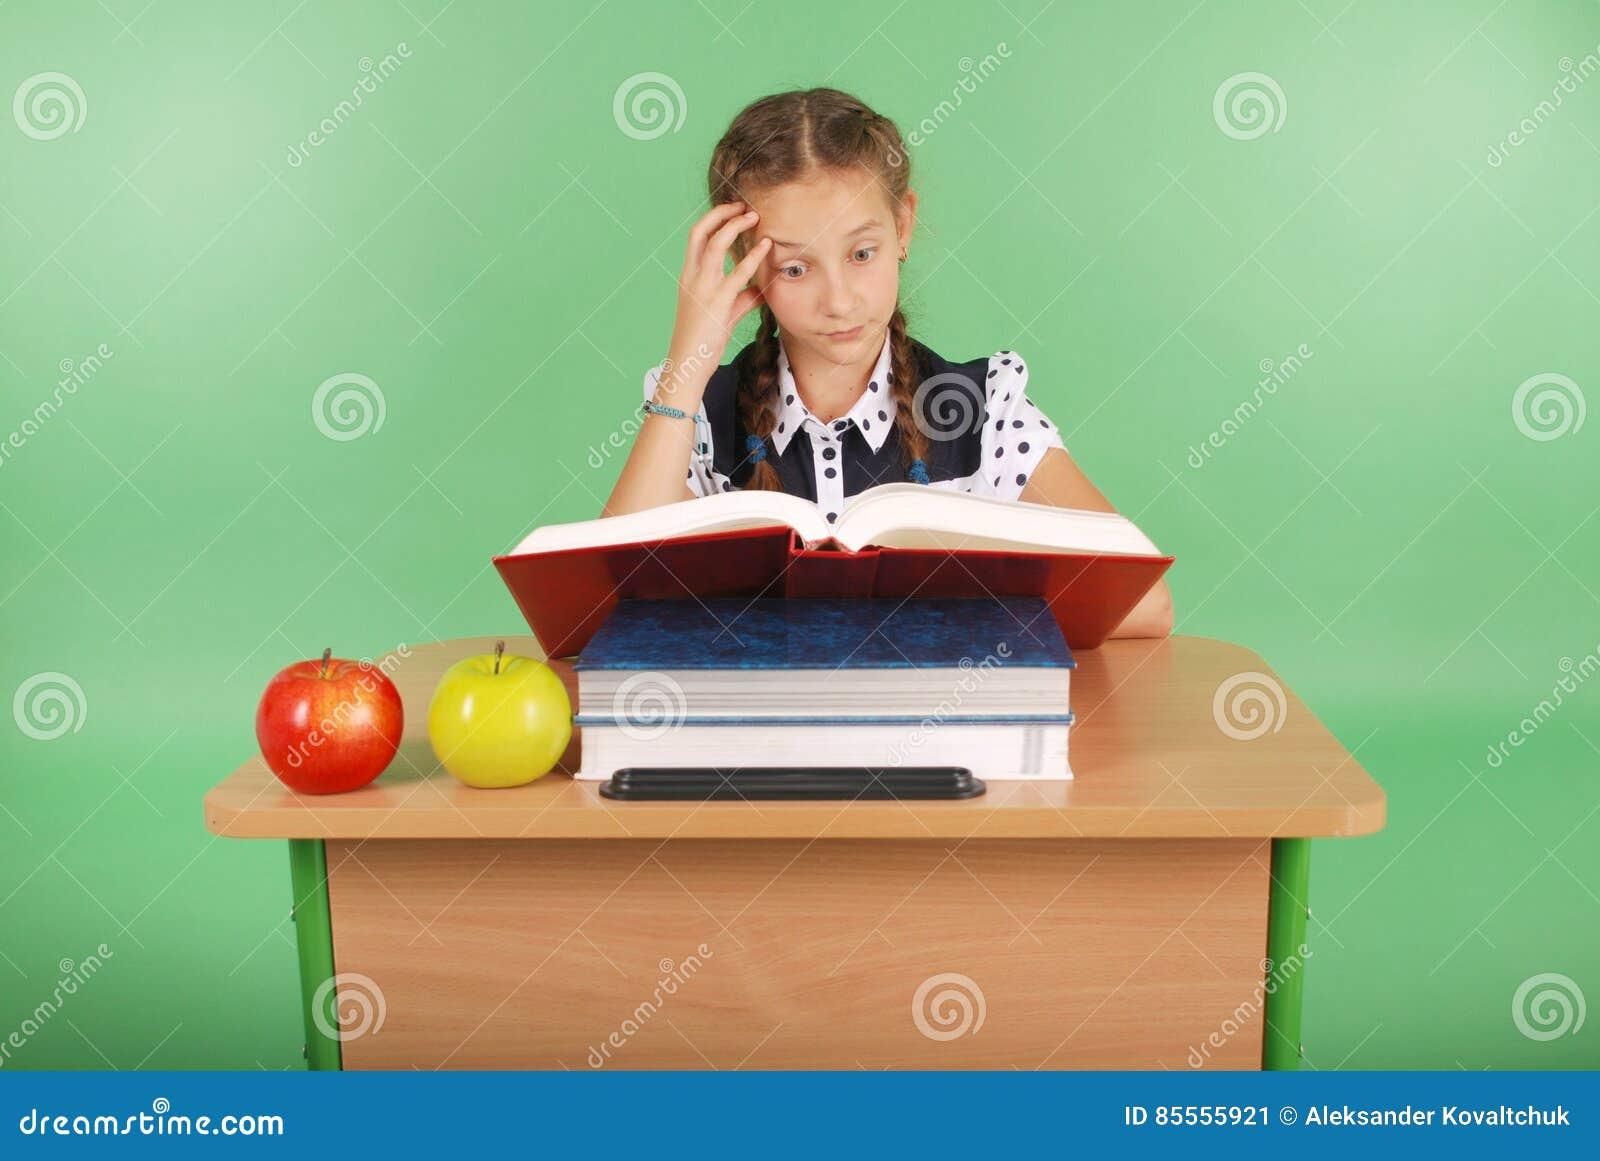 Bildung, Leute, Kinder und Schulkonzept - junges Schulmädchen